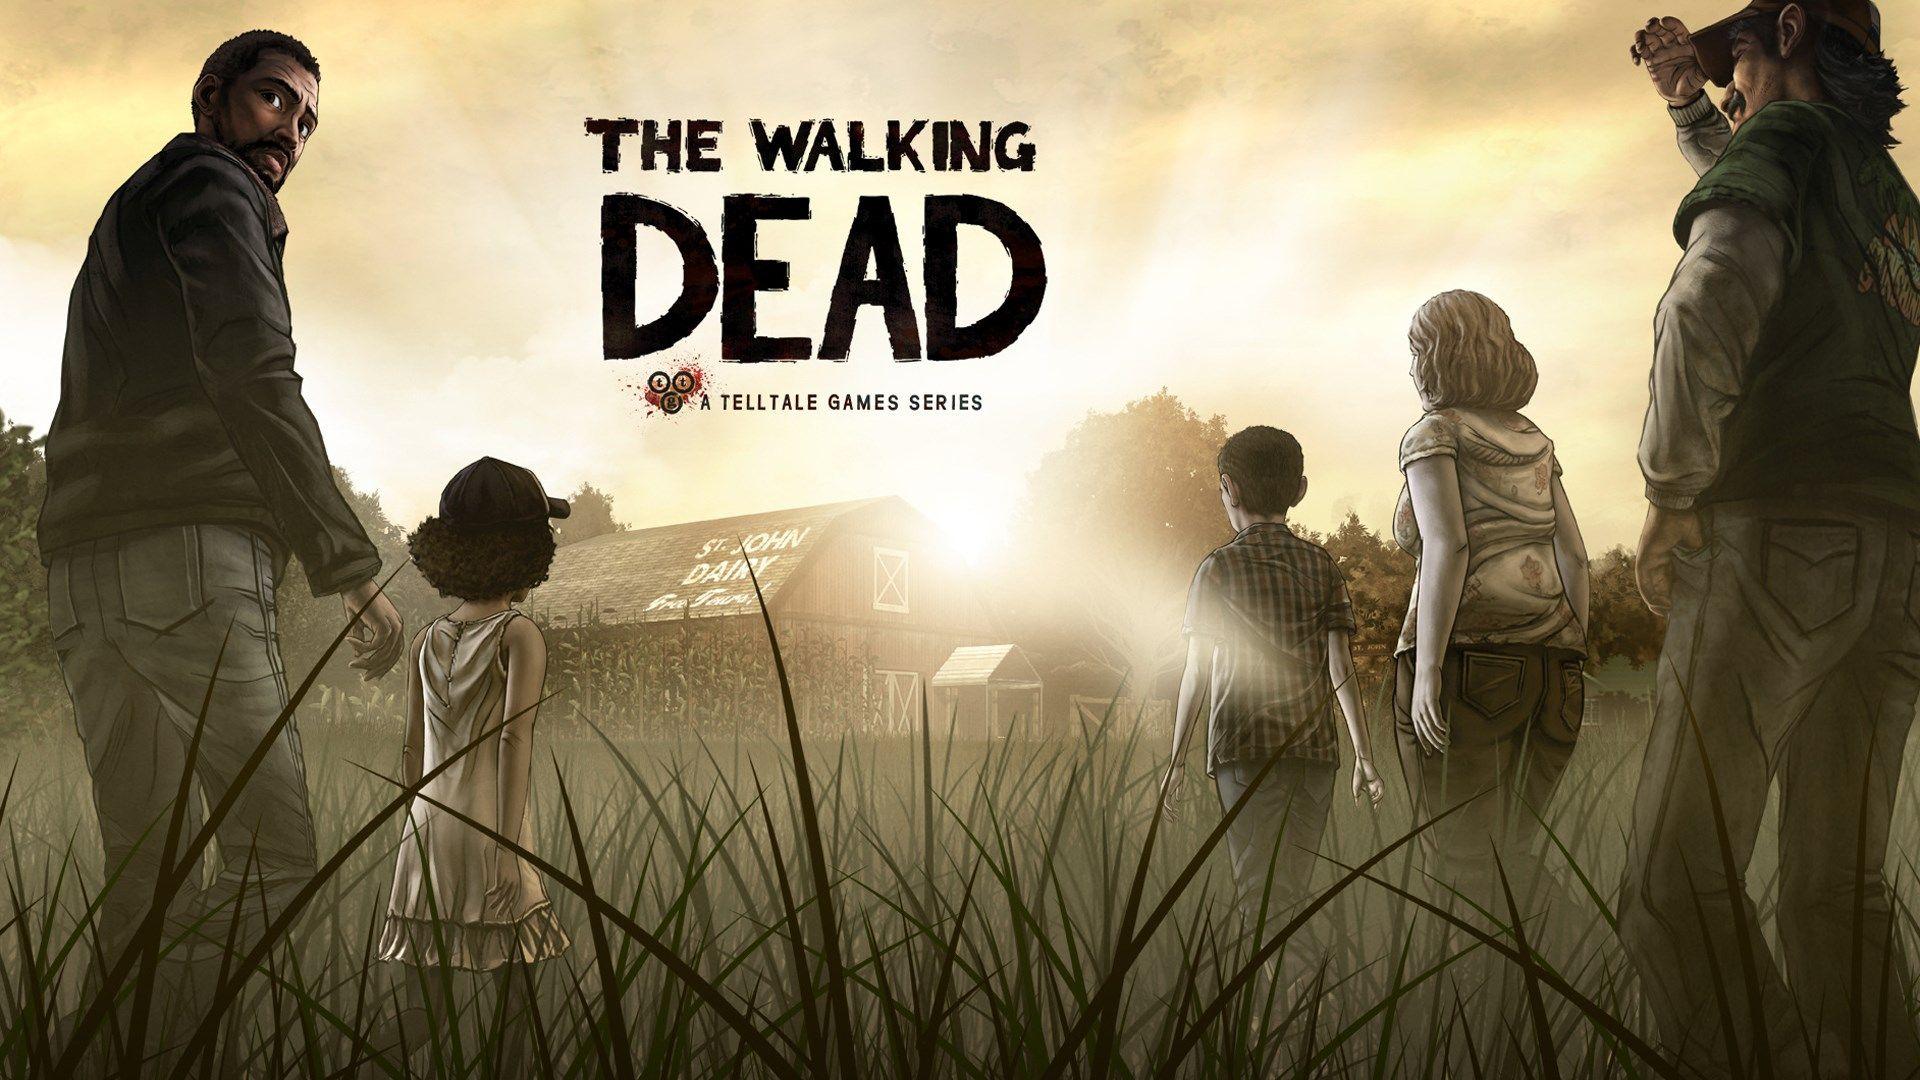 dreama london - the walking dead season 1 background hd - 1920x1080